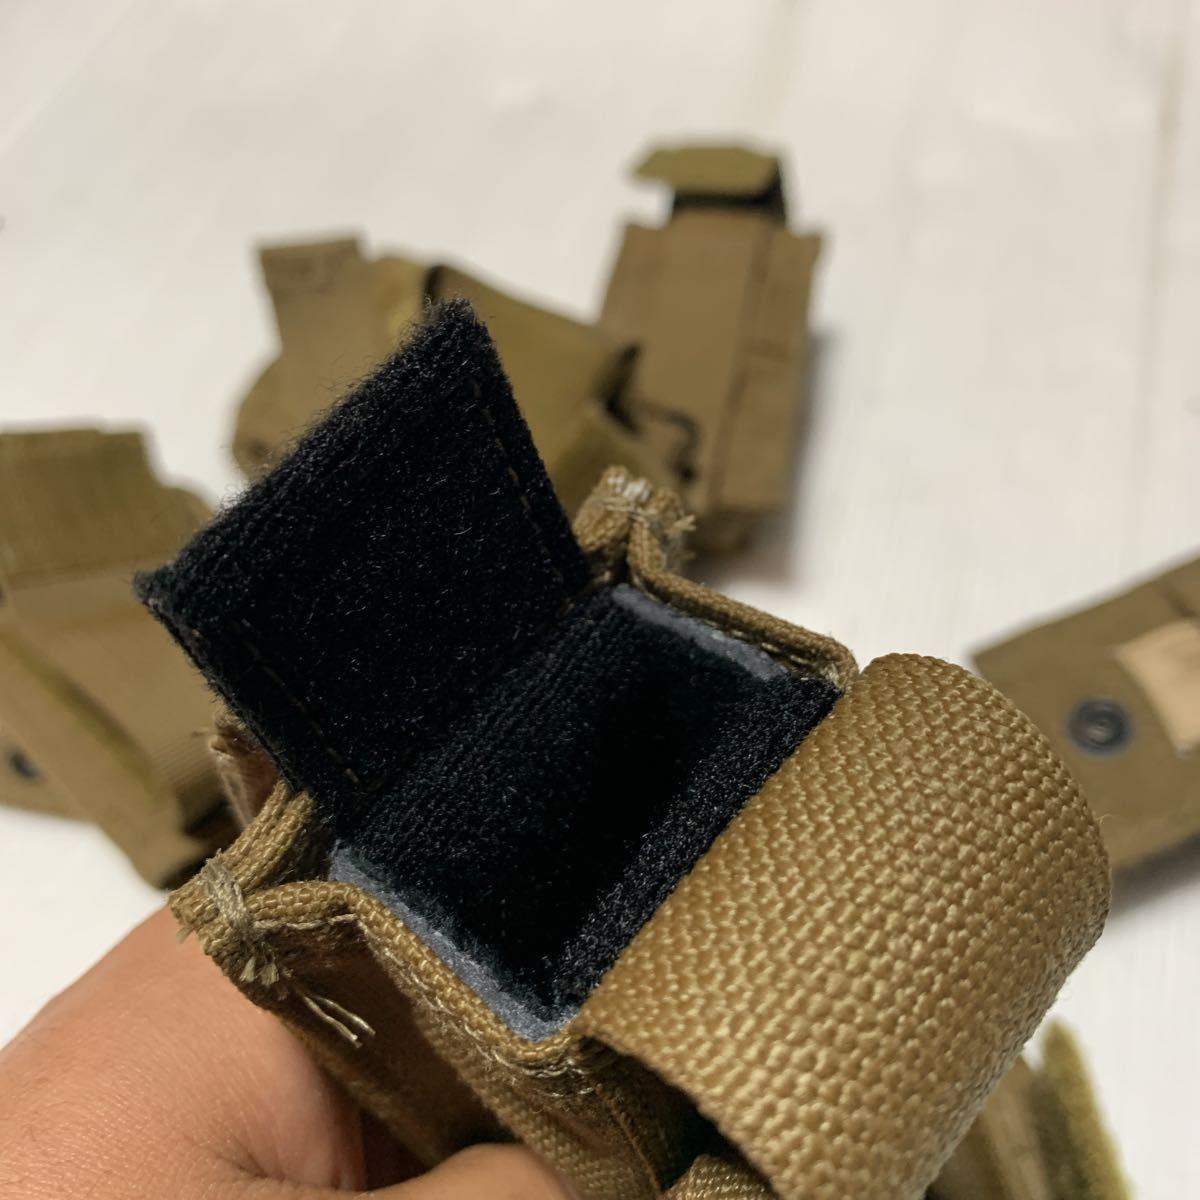 米軍放出品 実物 USMC 米海兵隊 リーコン RECON EAGLE イーグル製 M9 9mm & M4 M16 マガジンポーチ /FSBE FILBE SOF コヨーテ E_画像7